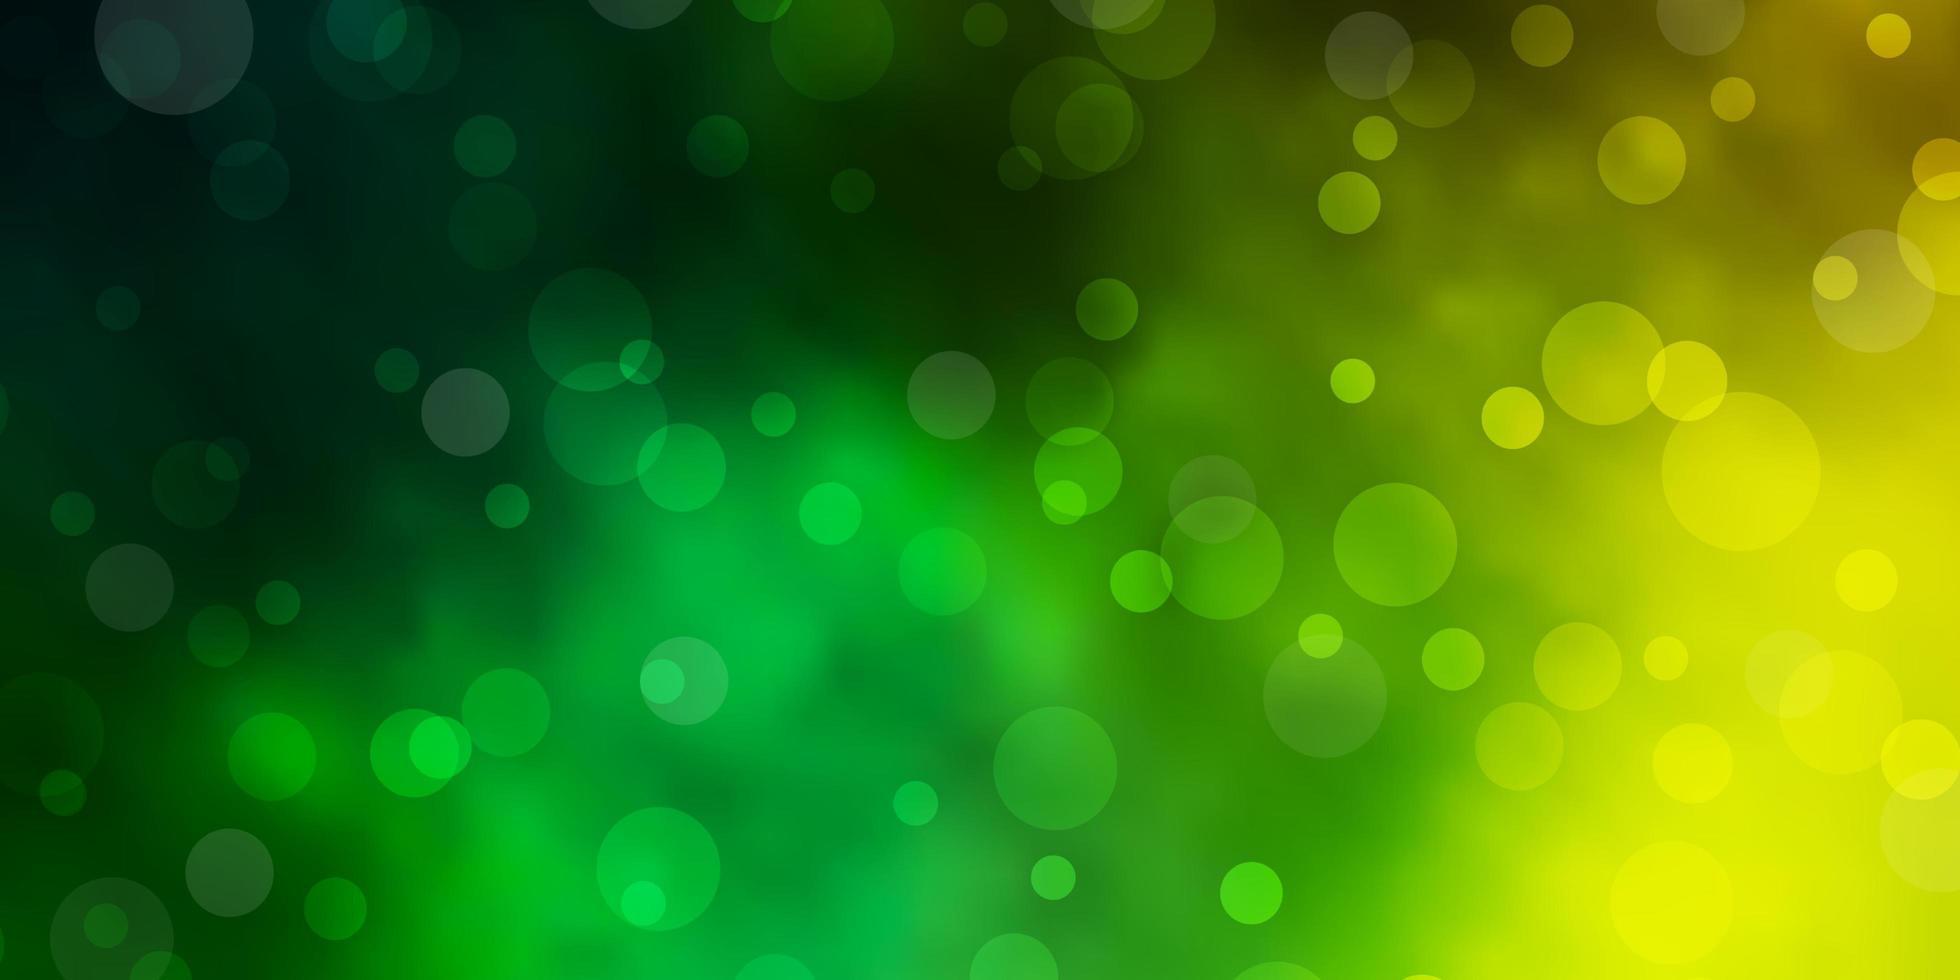 lichtgroene, gele vectortextuur met schijven. vector